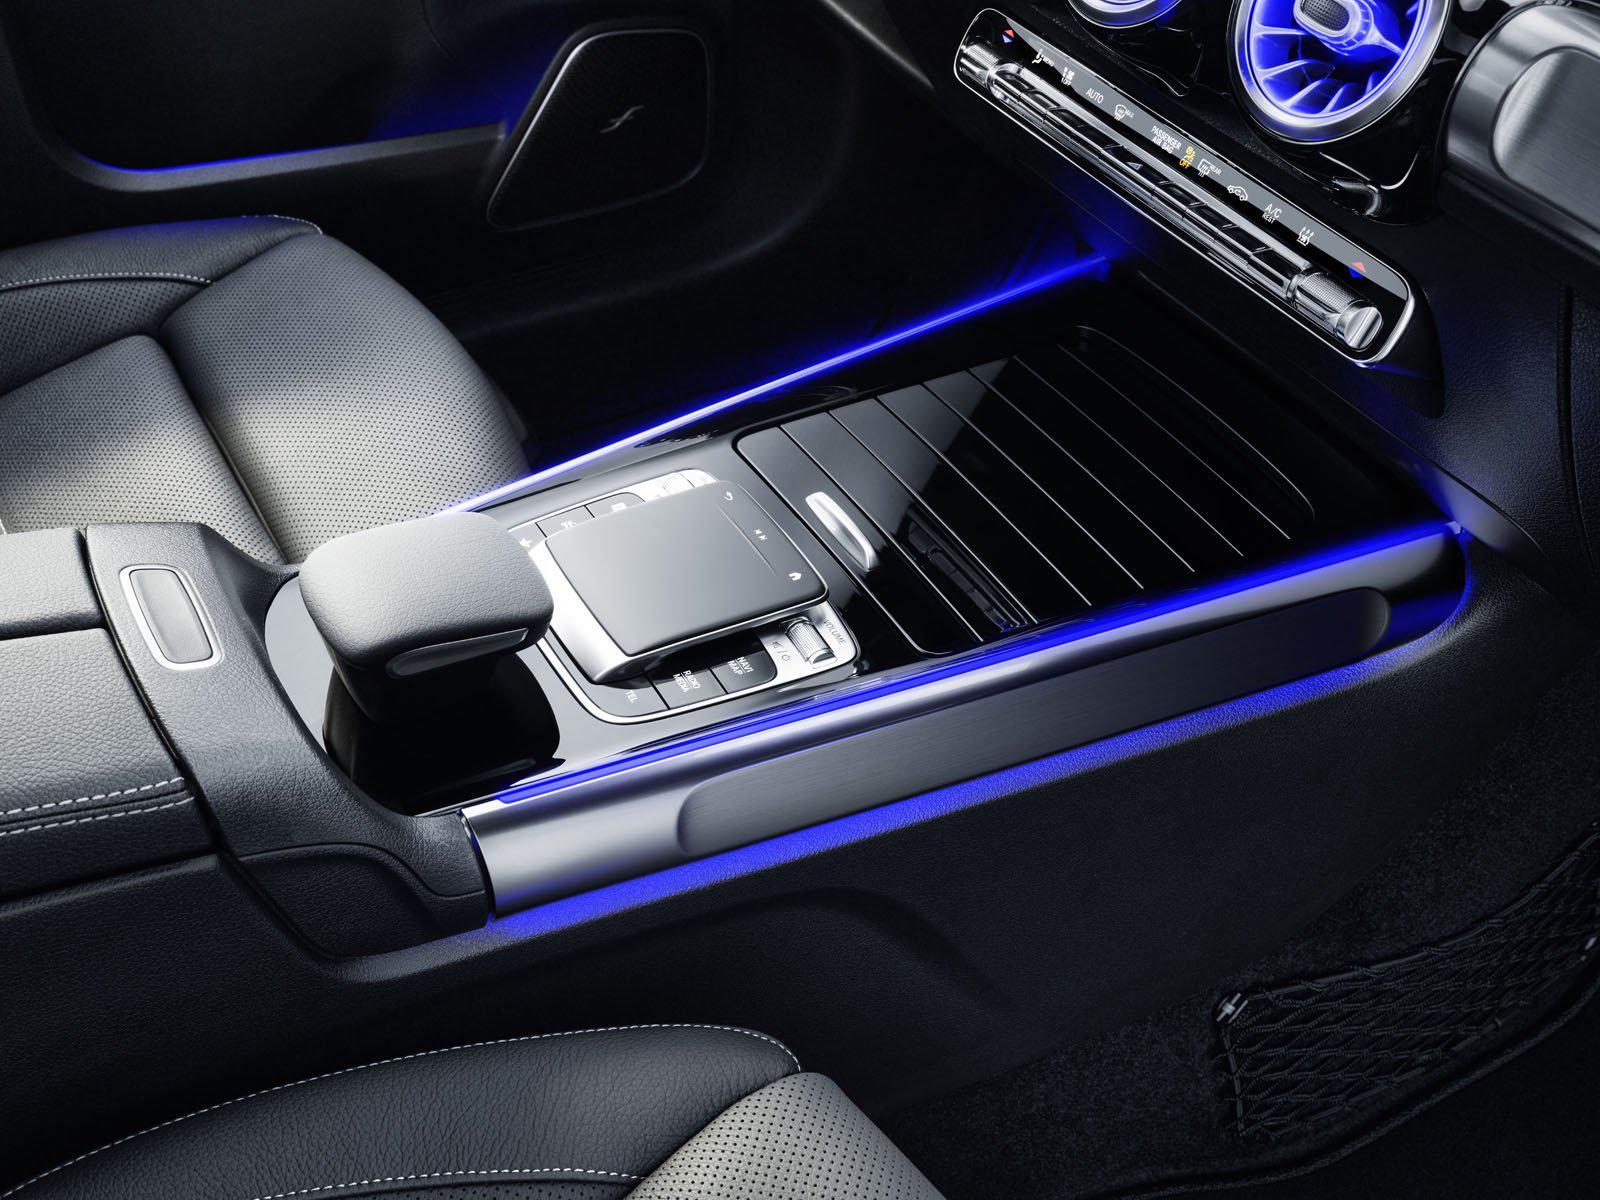 Ngắm trước Mercedes GLB sắp ra mắt với lựa chọn 7 chỗ Ảnh 8